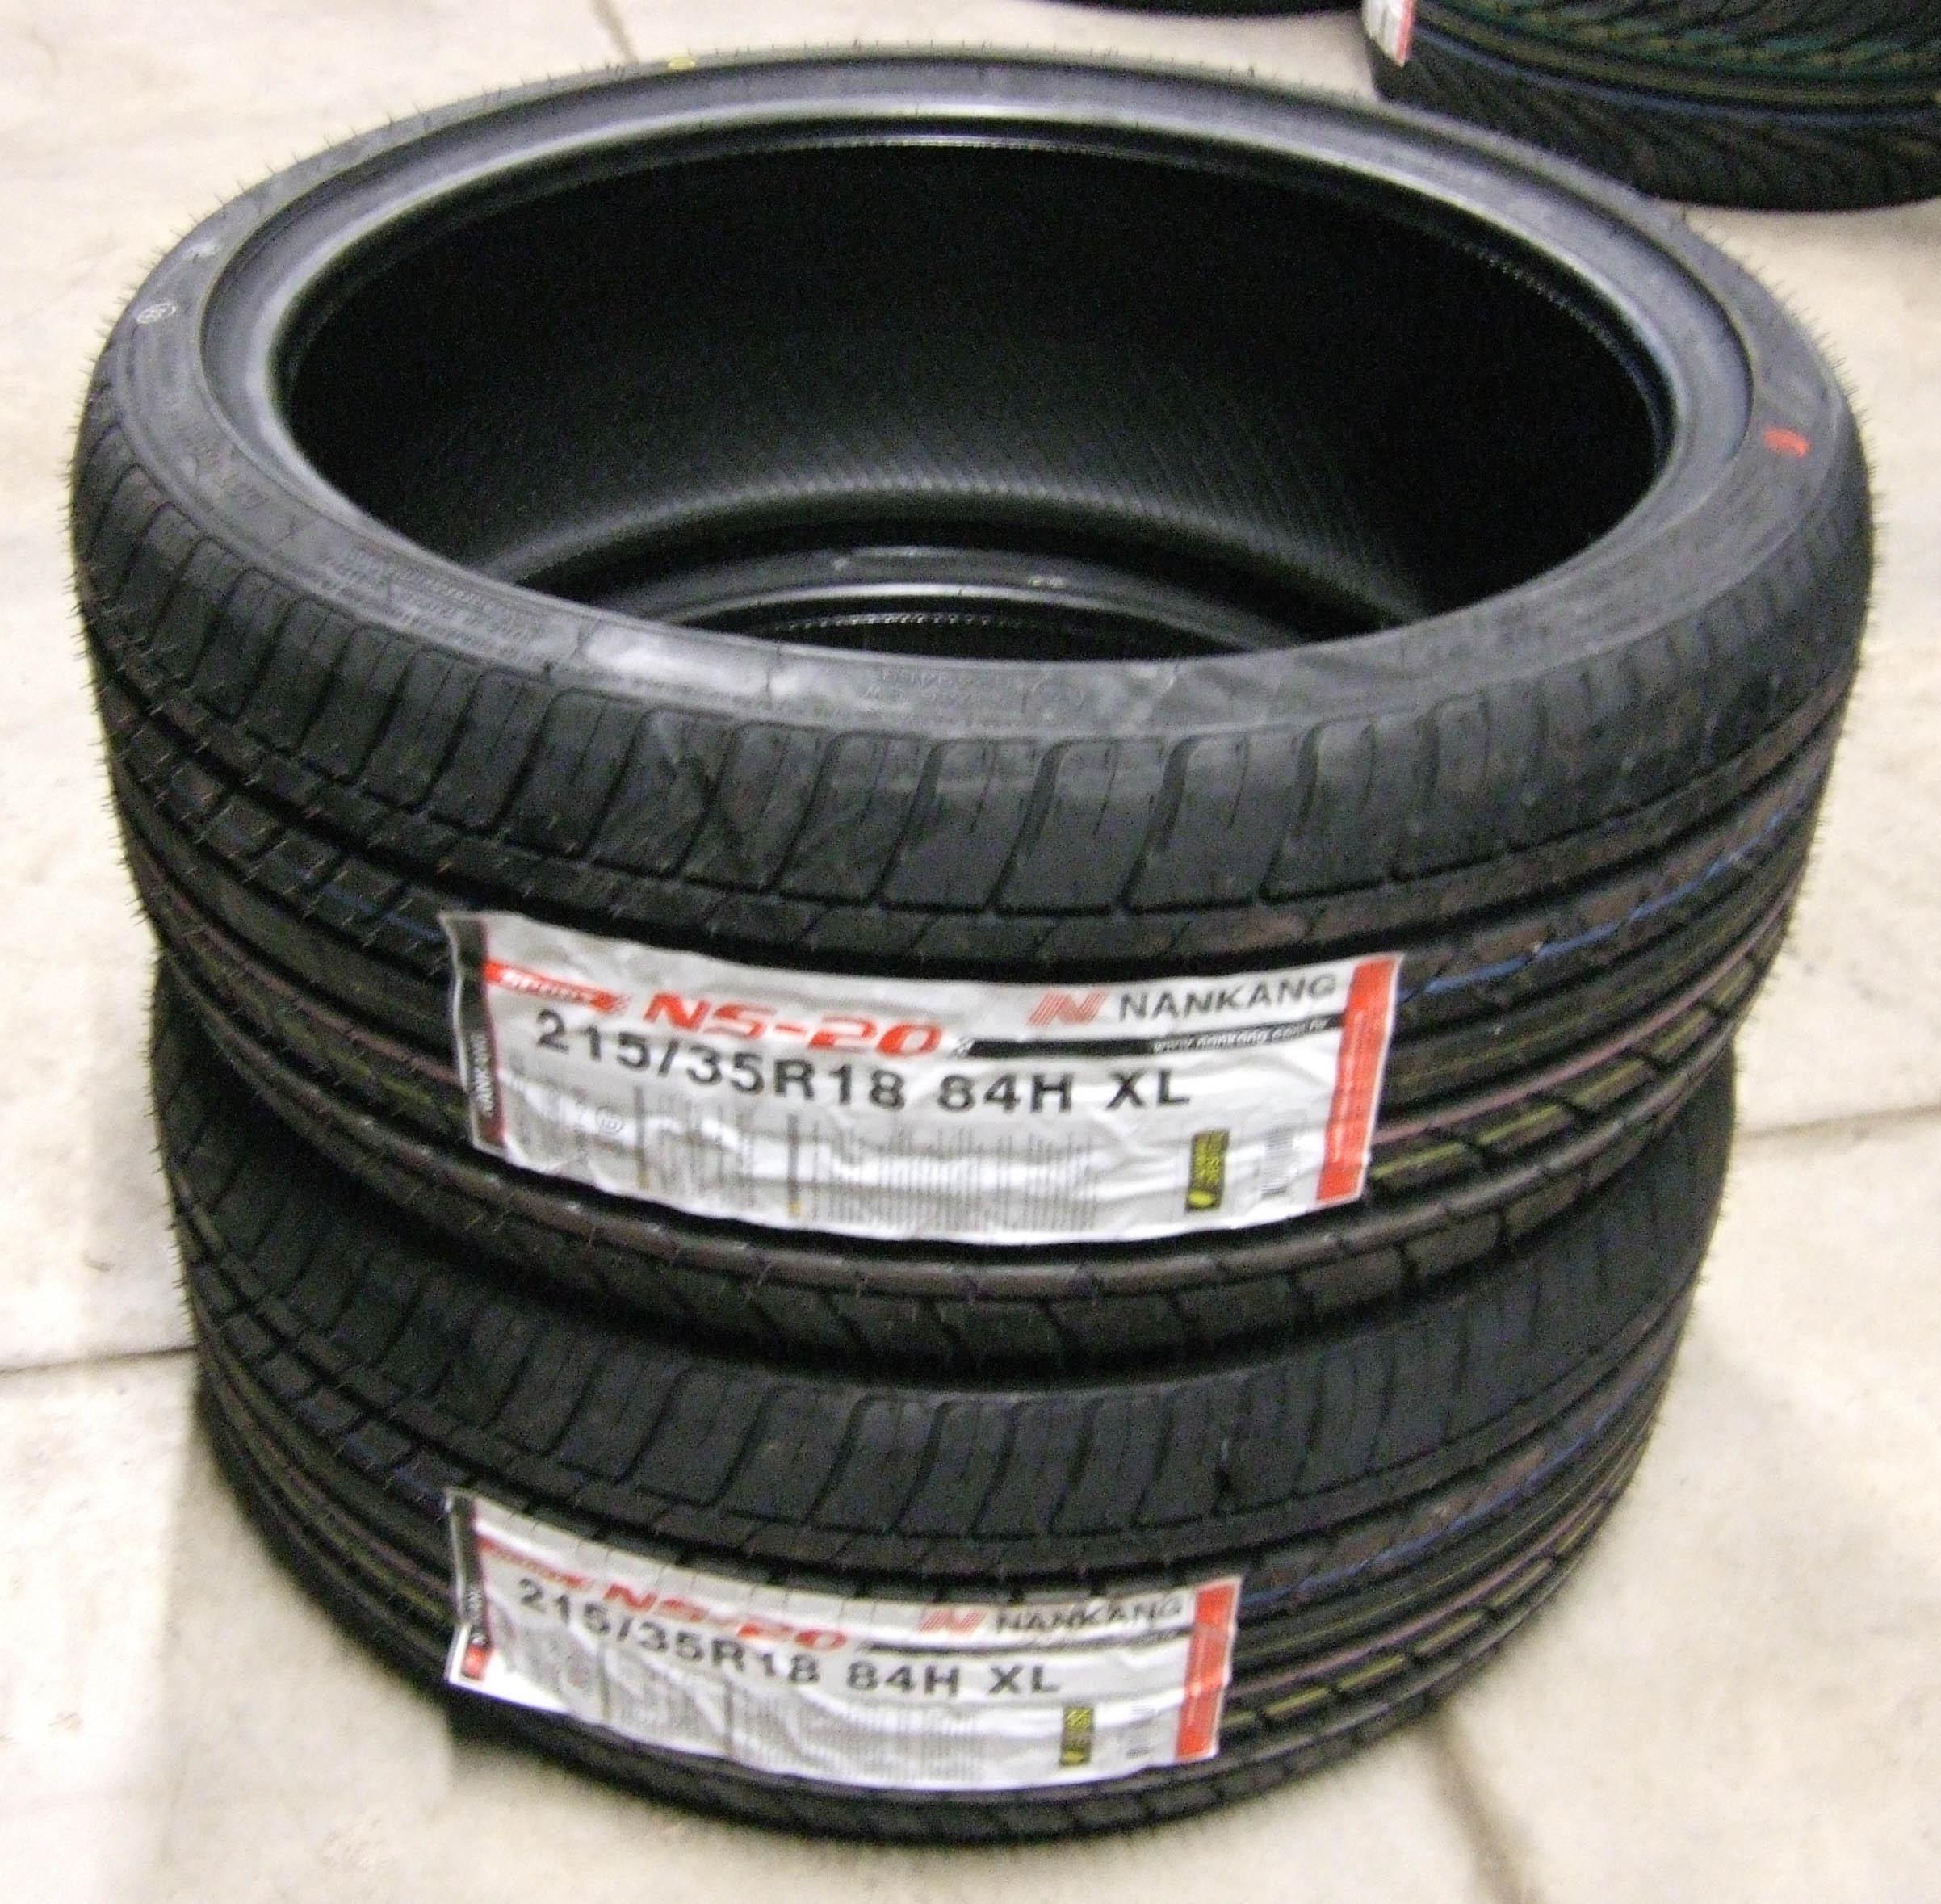 215 35 18 nankang ns 20 tyres 2153518 84h 215 35 18 x2 ebay. Black Bedroom Furniture Sets. Home Design Ideas